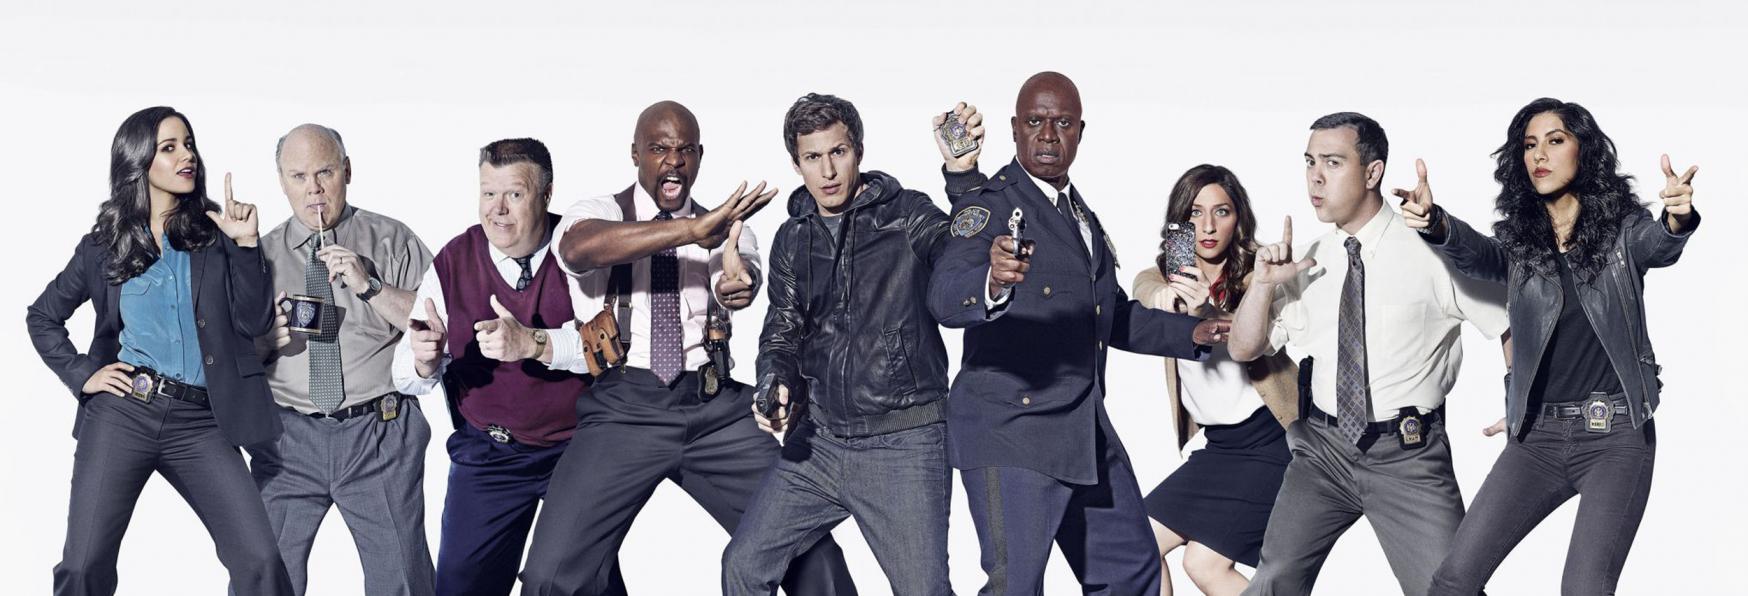 Brooklyn Nine-Nine 8: il Teaser Trailer svela la Data di Uscita della Stagione Finale